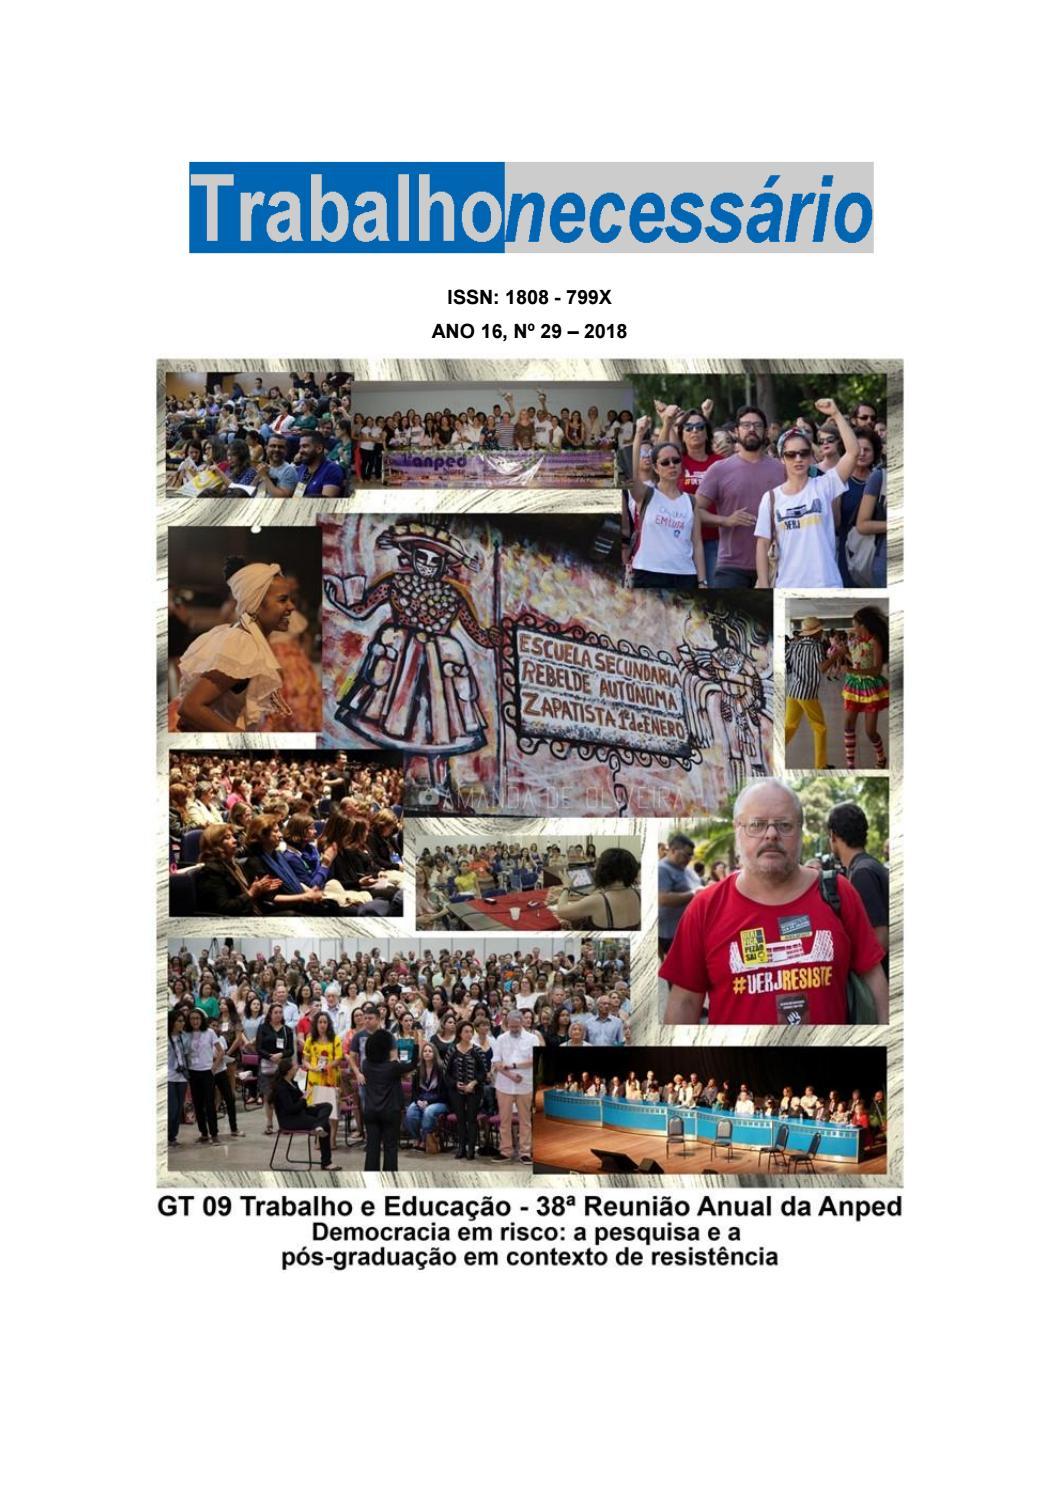 0aac4f8b20 Revista TrabalhoNecessário Nº 29 by Revista Trabalho Necessário - issuu